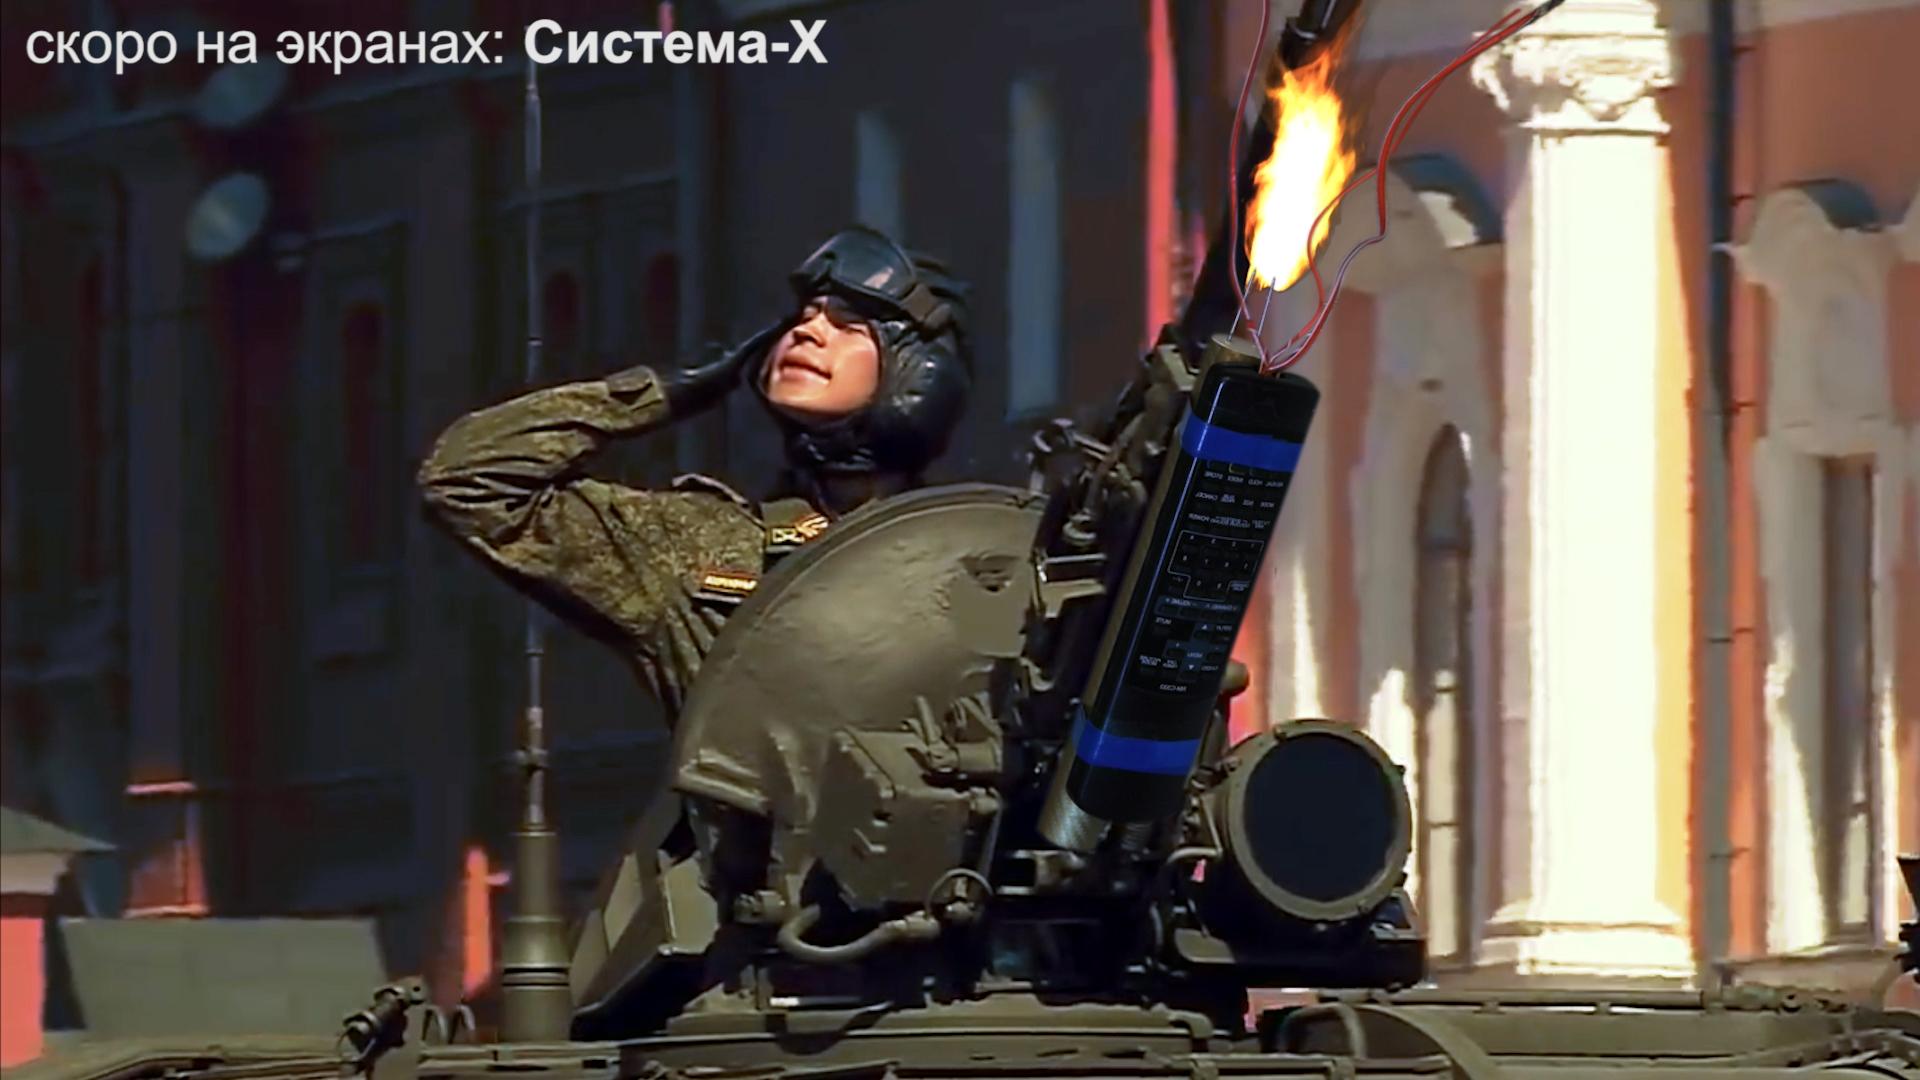 фильм, кинокомедия, comedy, film, Sistem-X, Система Х, Система-Х, новейшие, образцы, военной техники, станковый, пулемет, тактическое, оружие, боевых,машина, самолета, танках, кораблях, смотрите, система Х, нефигатор